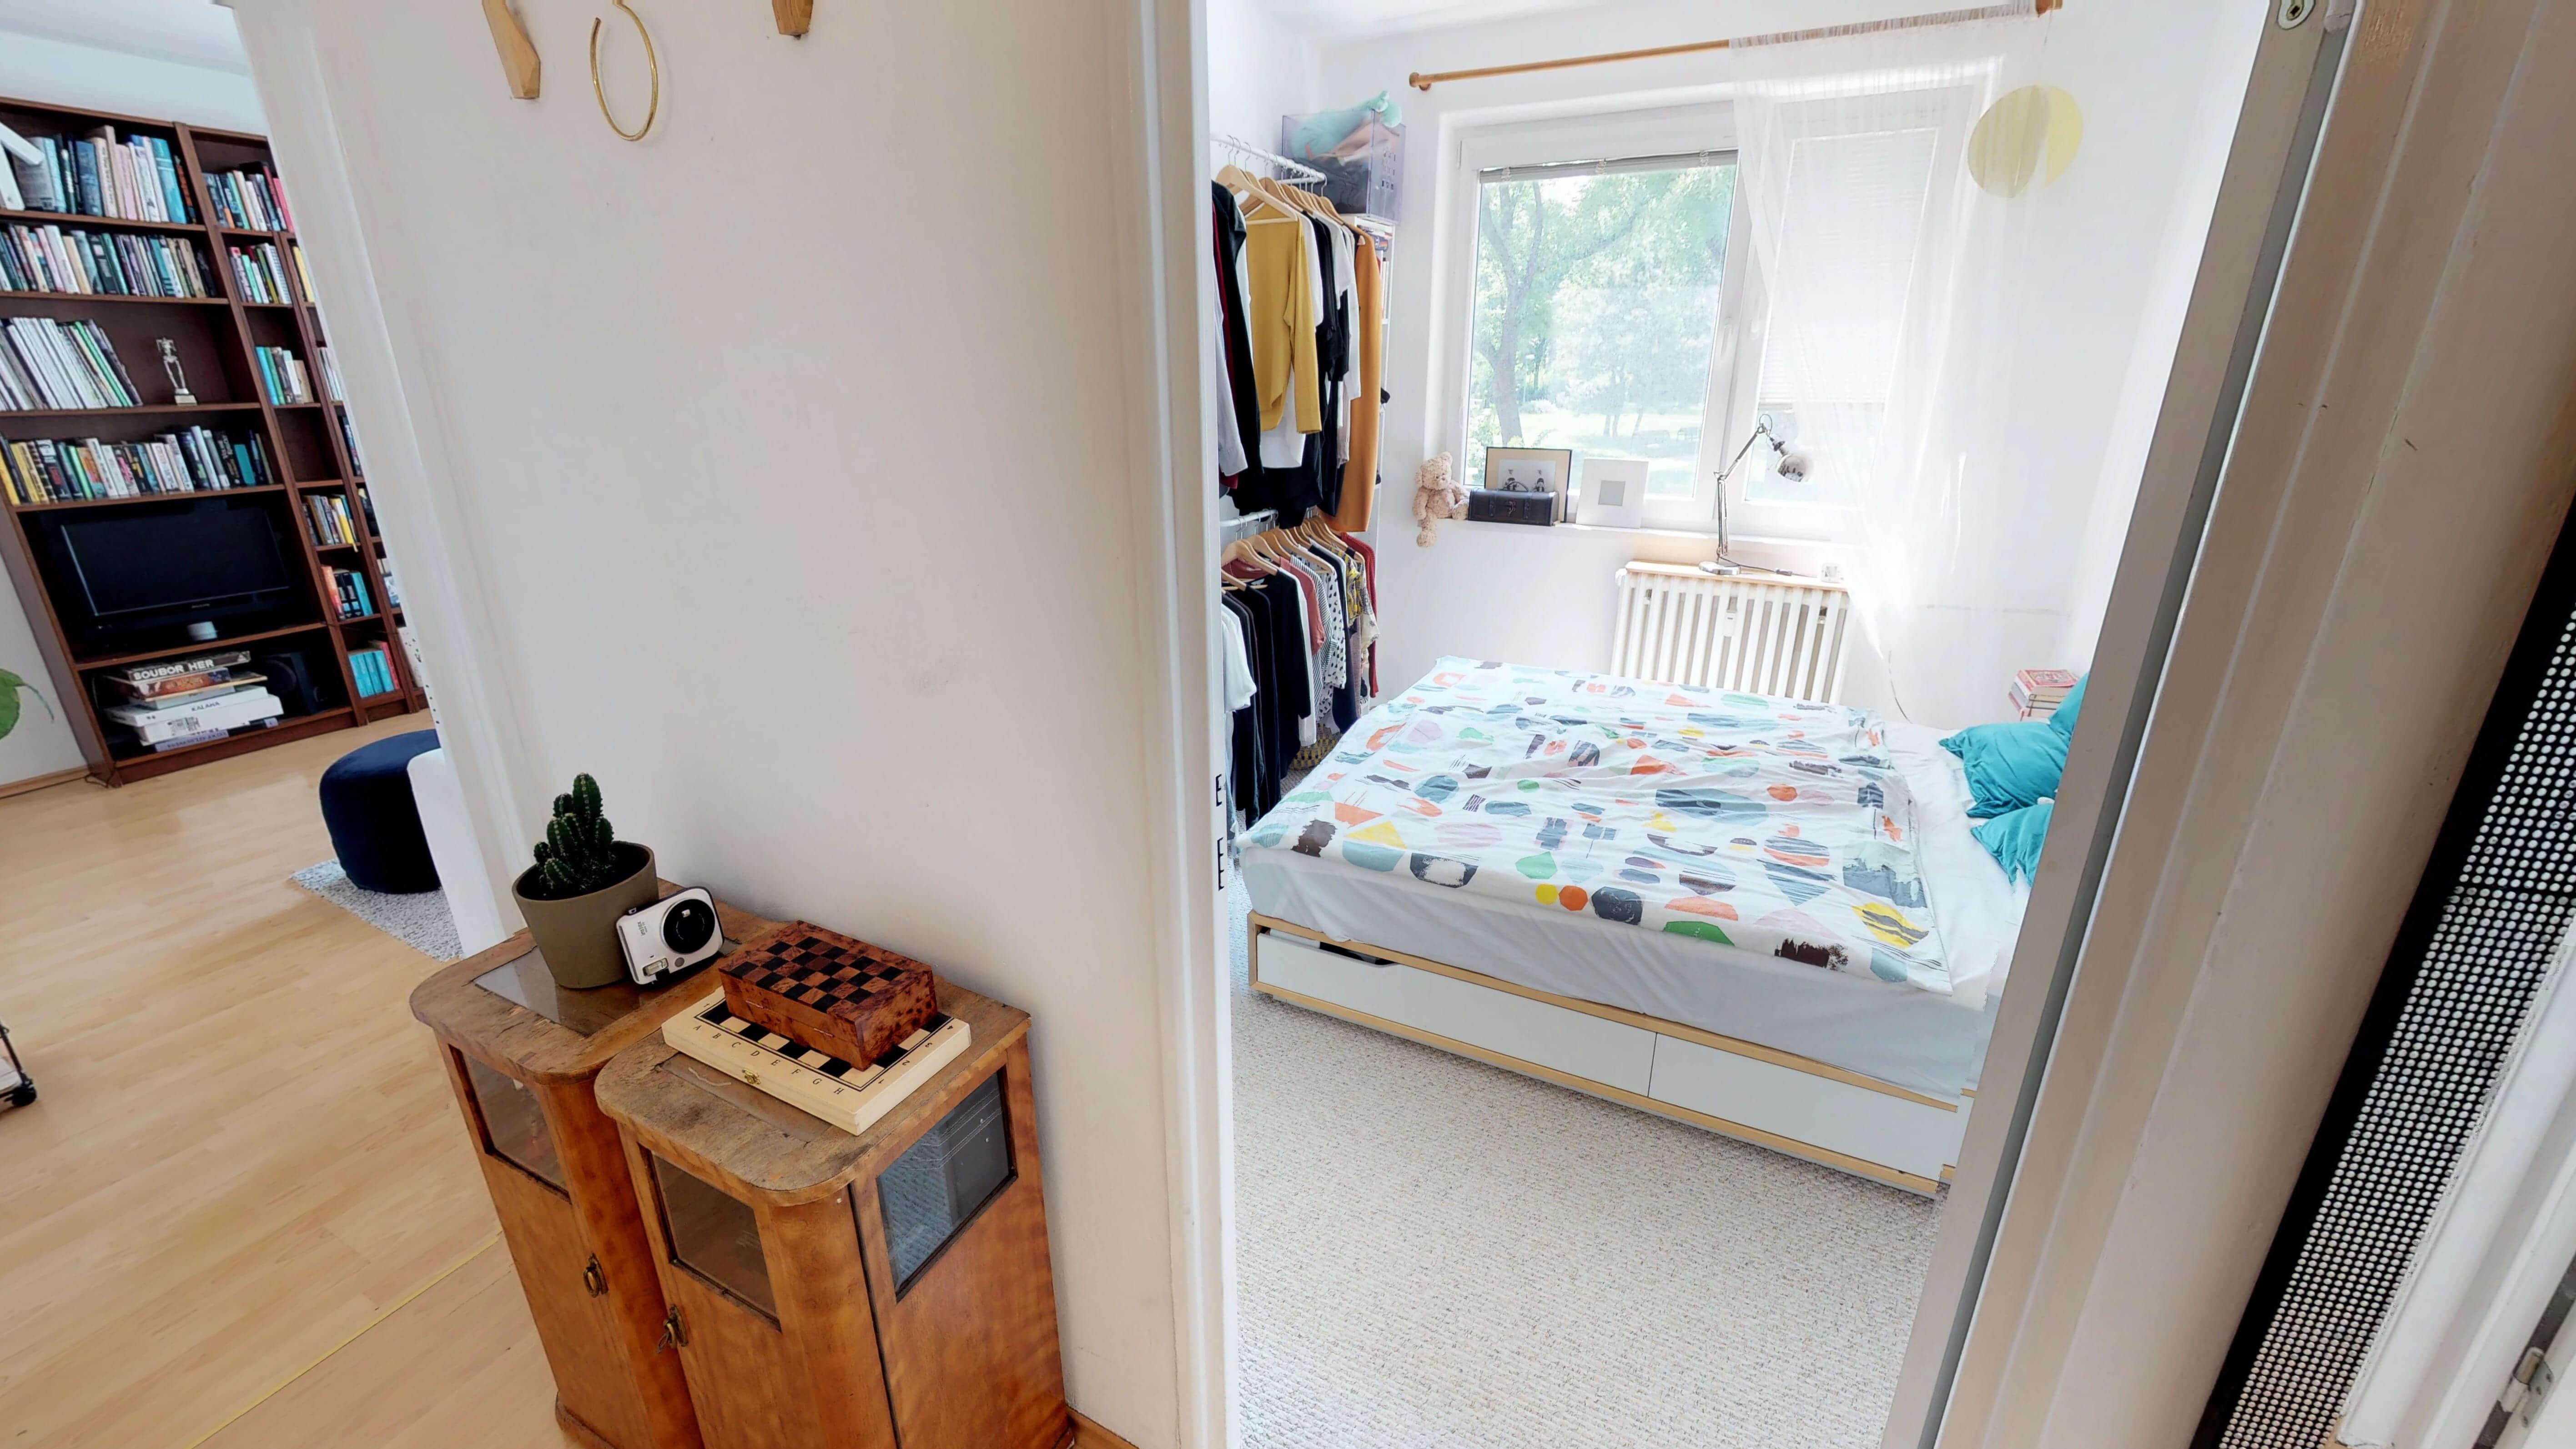 Predané Predaj exkluzívneho 3 izb. bytu,v Ružinove, ulica Palkovičová, blízko Trhoviska Miletičky v Bratislave, 68m2, kompletne zariadený-32